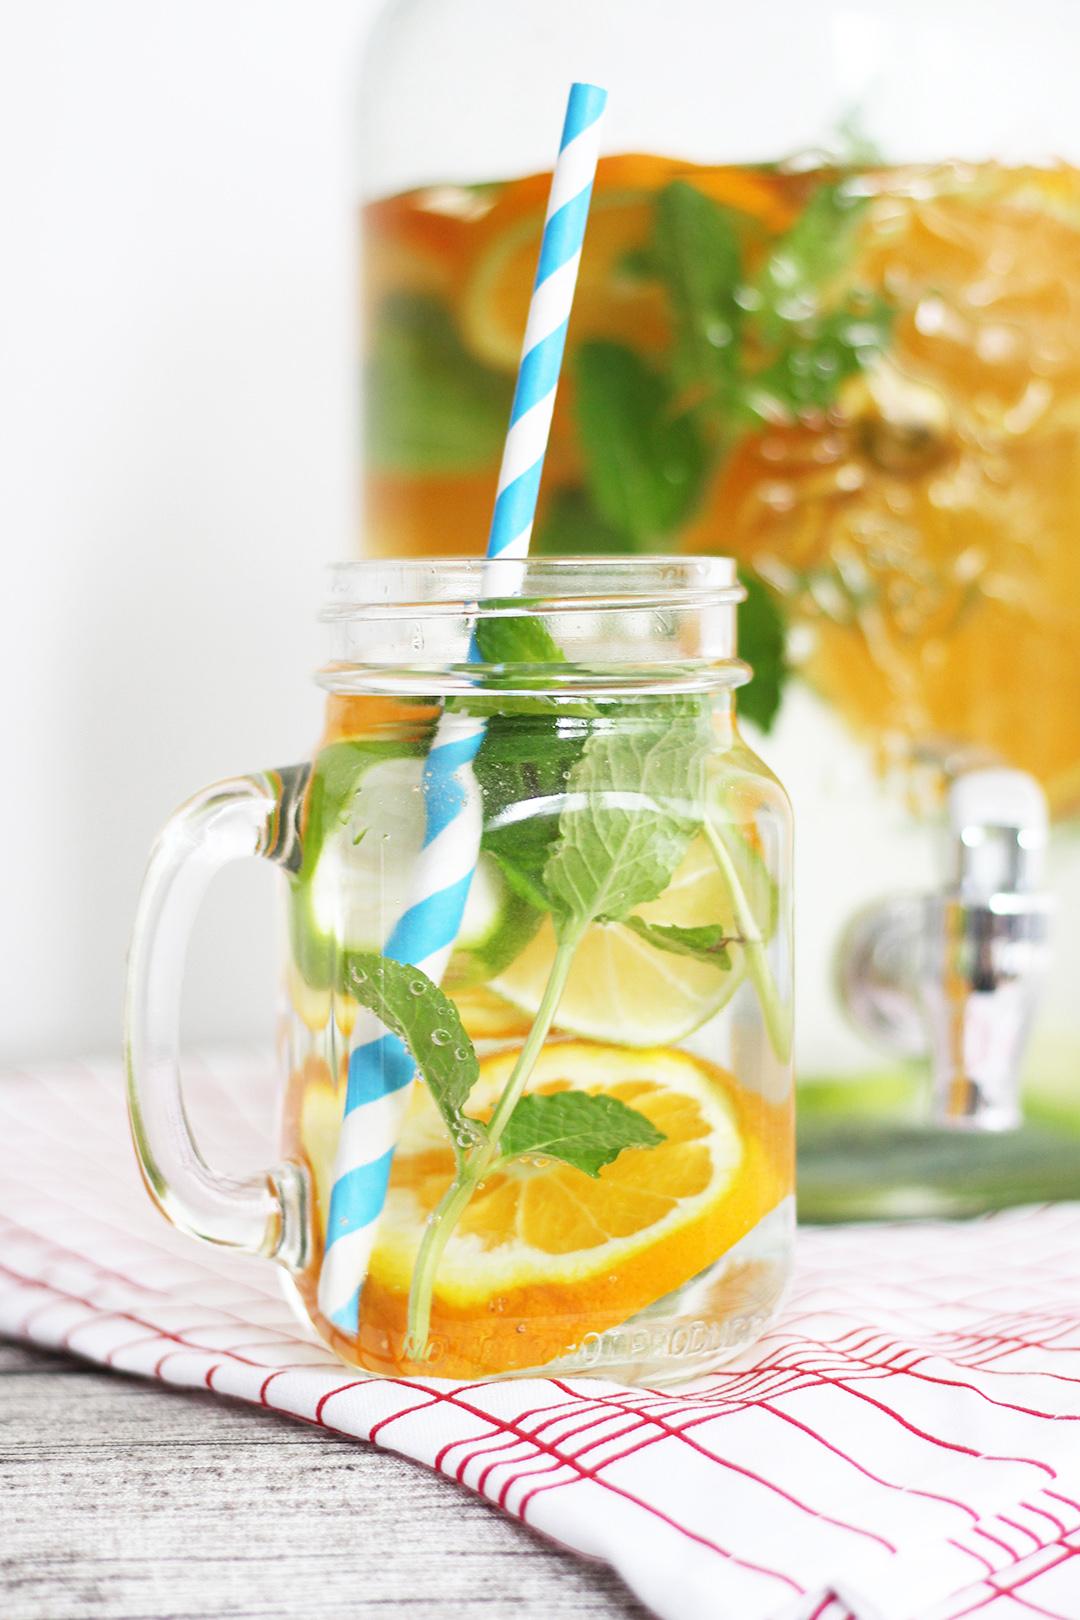 Wasser mit Orangen und Minze versetzt